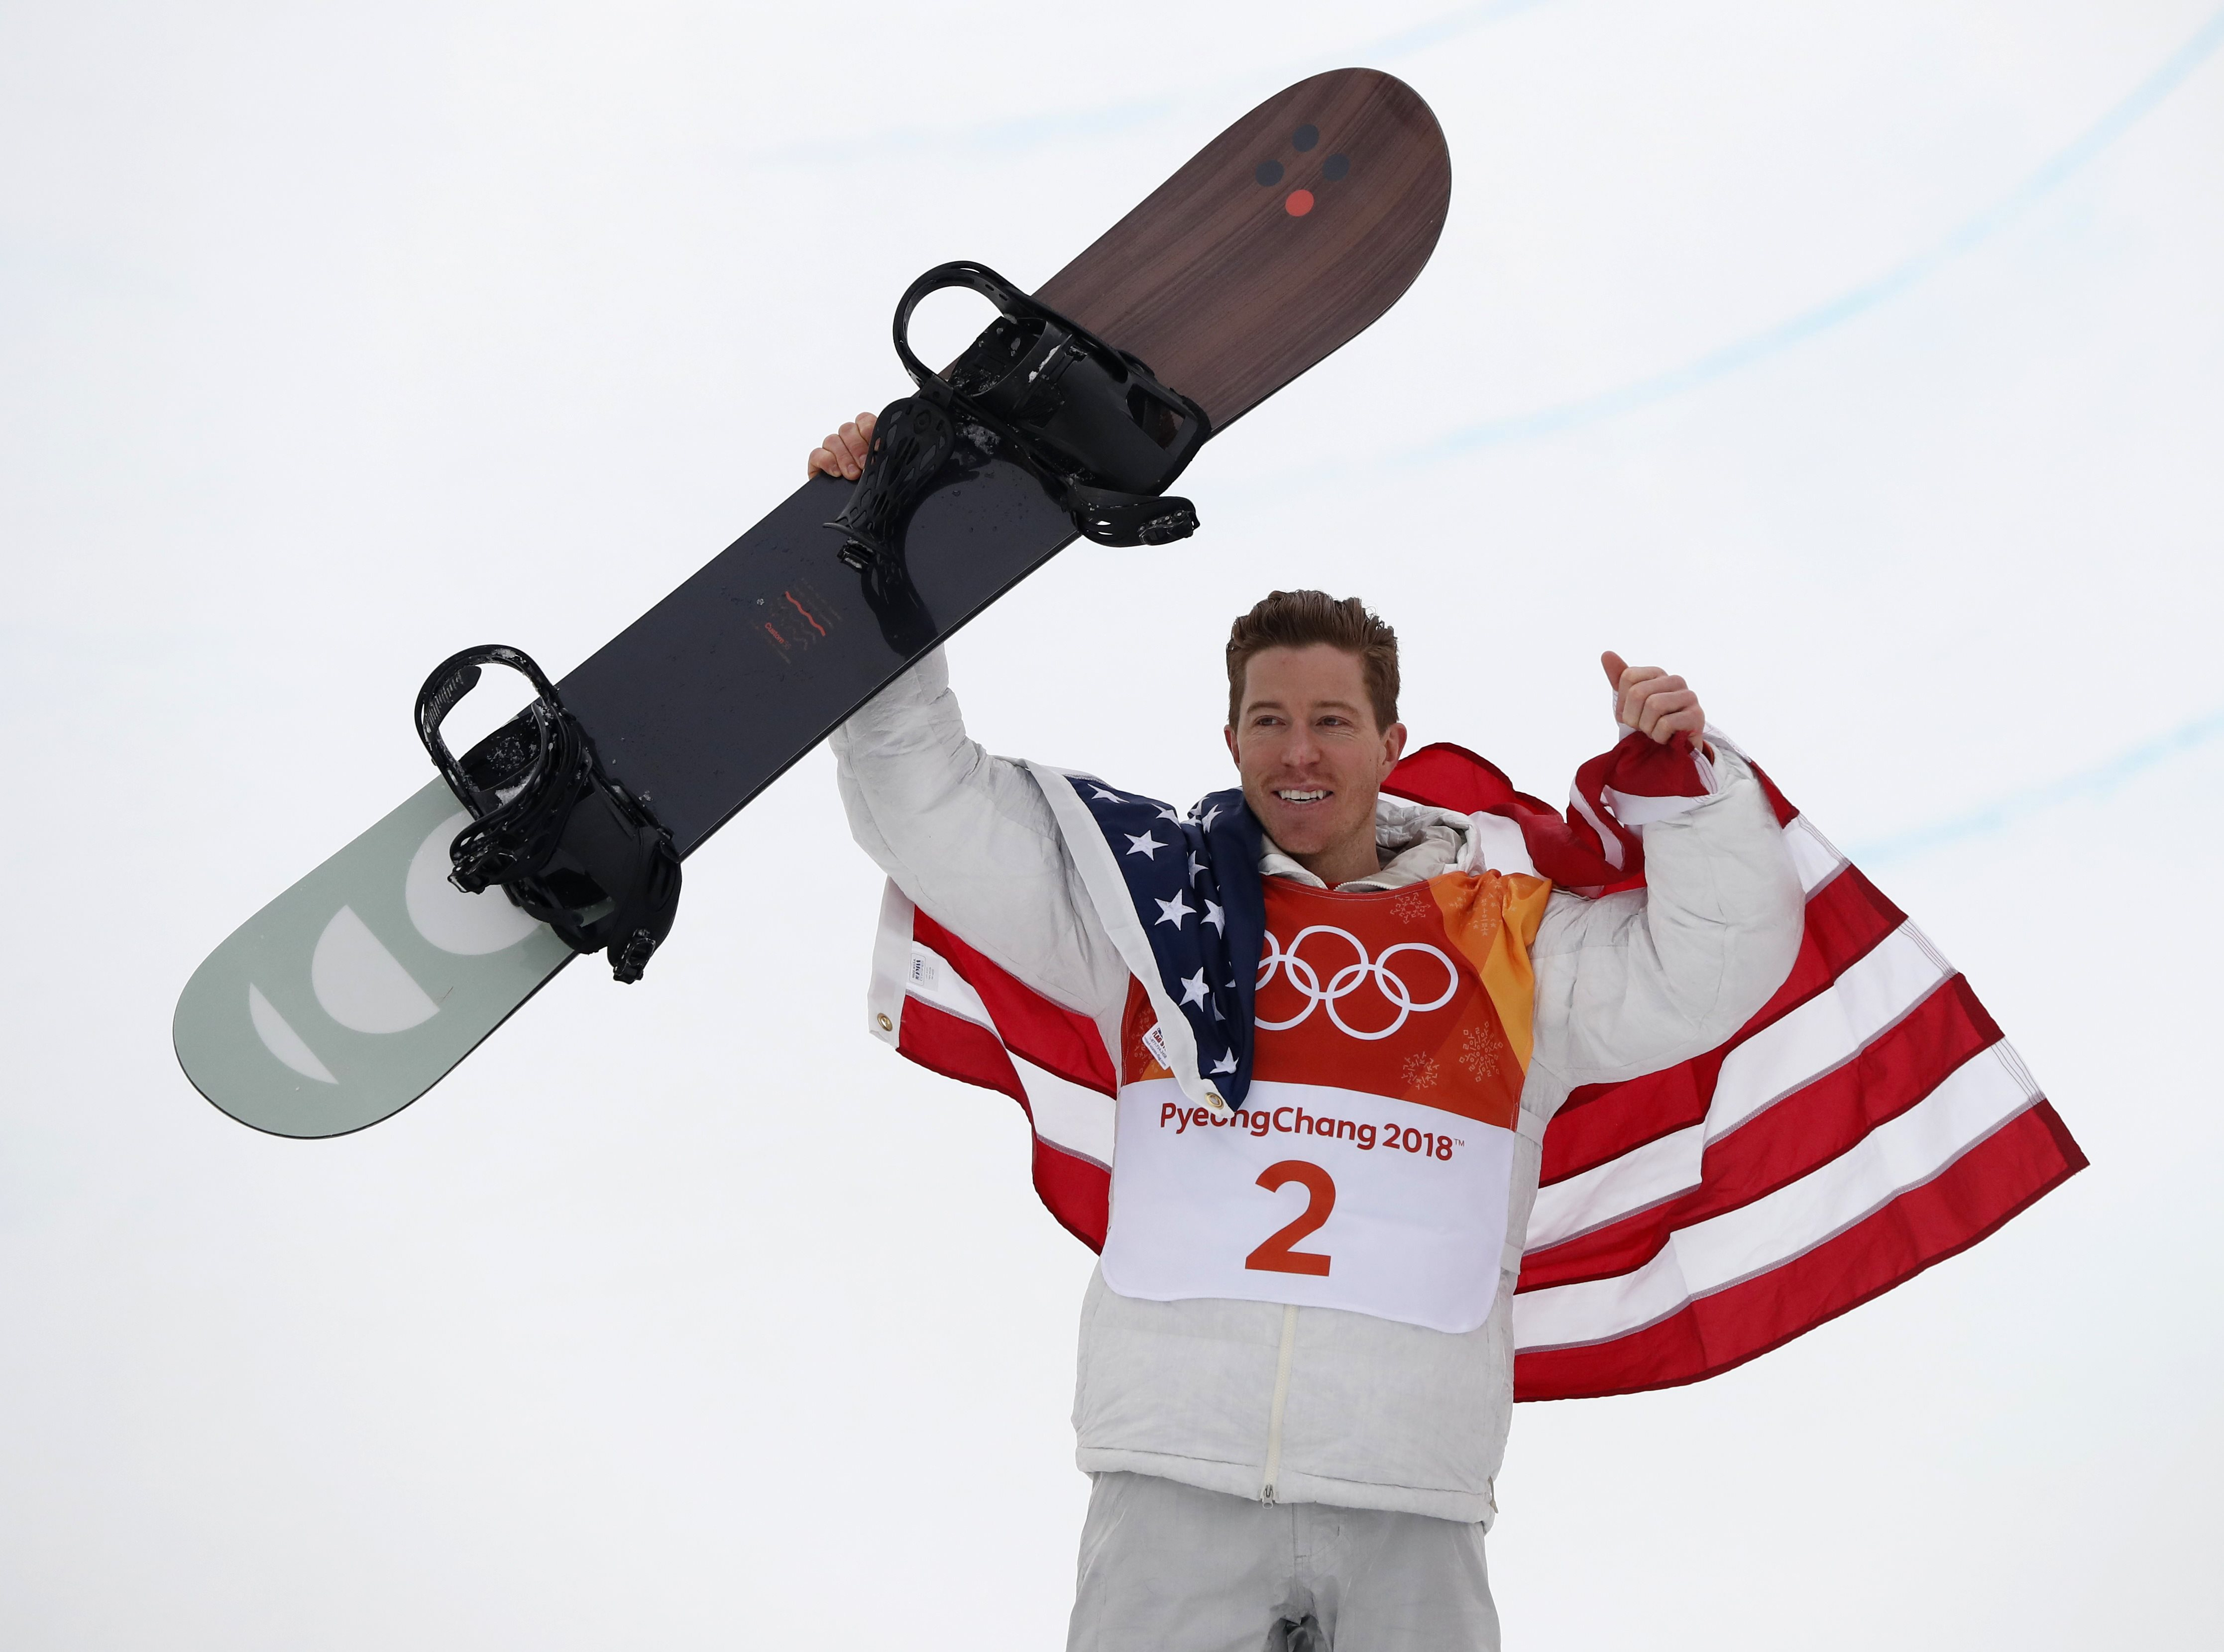 Jeux olympiques - Pyeongchang 2018 - JO 2018 : Shaun White s'envole toujours plus haut